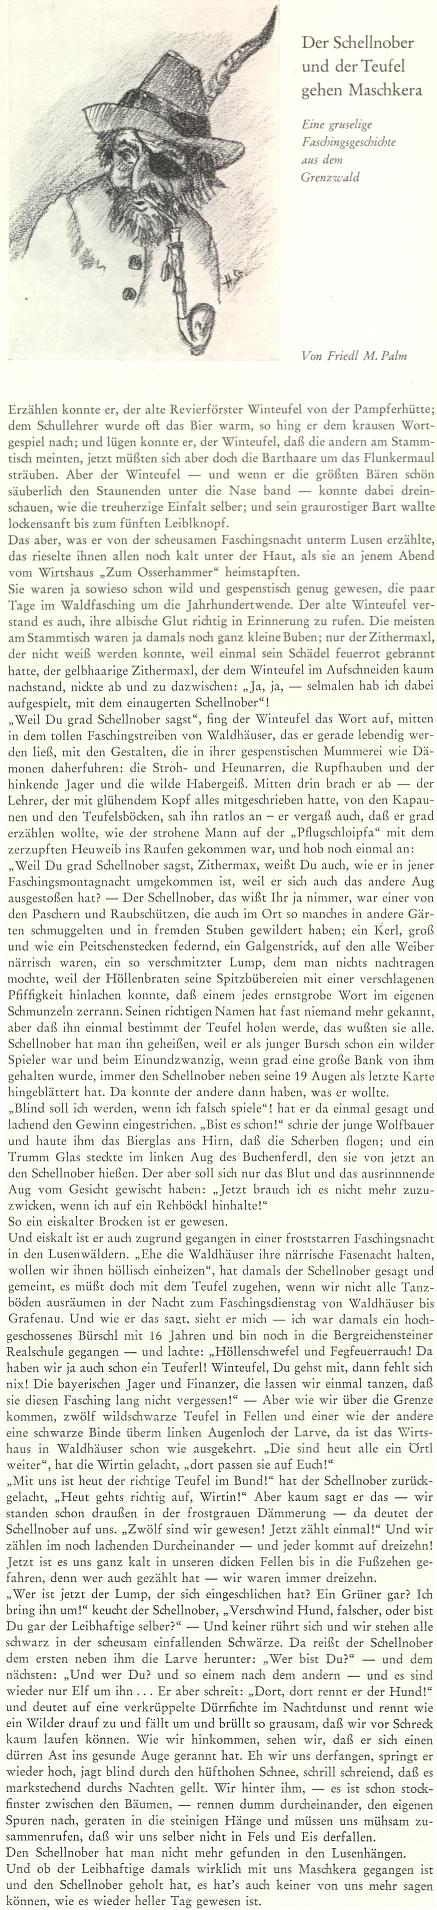 Tuto povídku, uvedenou v šumavském krajanském kalendáři kresbou prachatického rodáka, výtvarníka apedagoga Heinze Steidla (1911-1998), podepsala svým dívčím příjmením